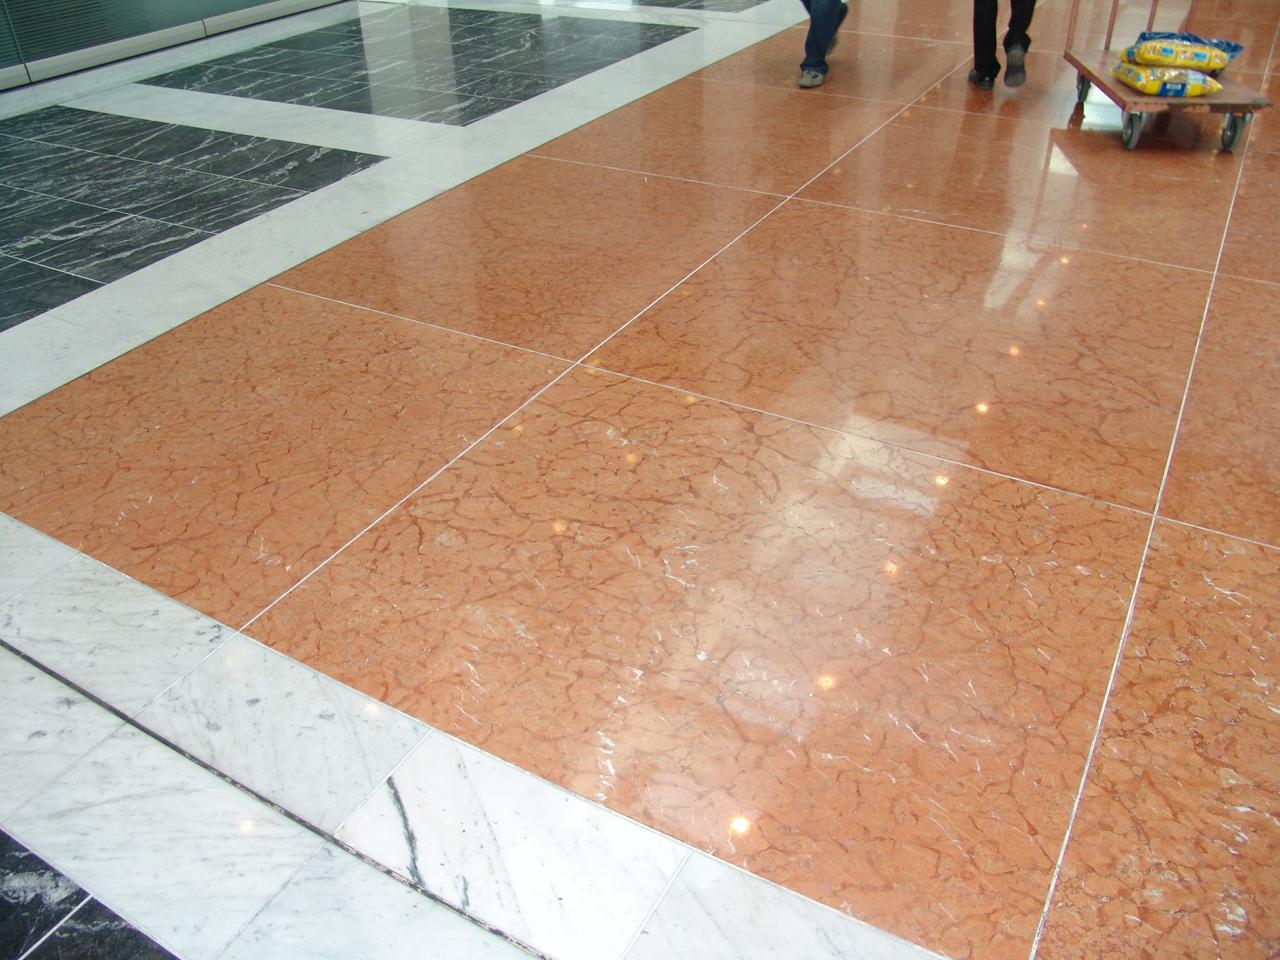 Pavimento Bianco E Grigio : Foto di pavimenti in marmo pavimenti di marmo prezzi molto bassi